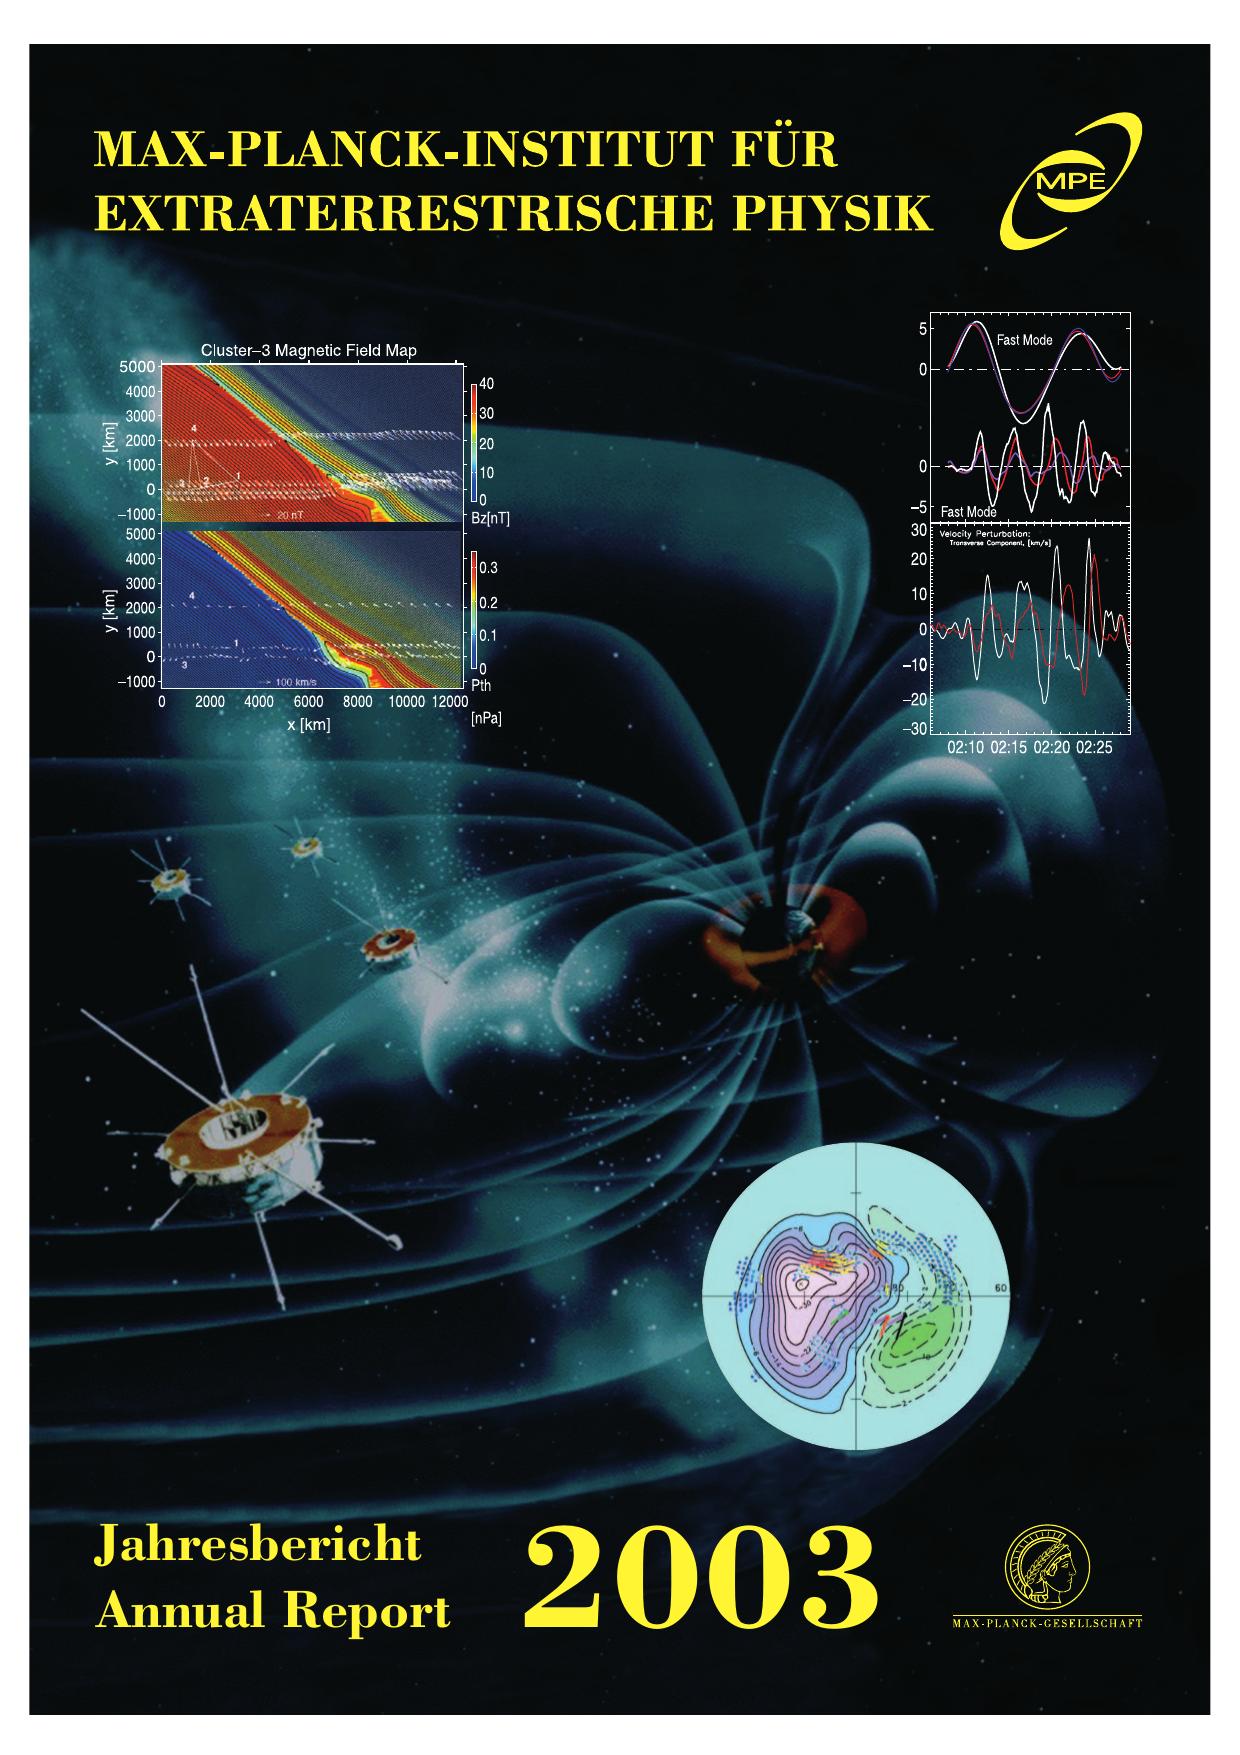 Jahresbericht 2003 Max Planck Institut für